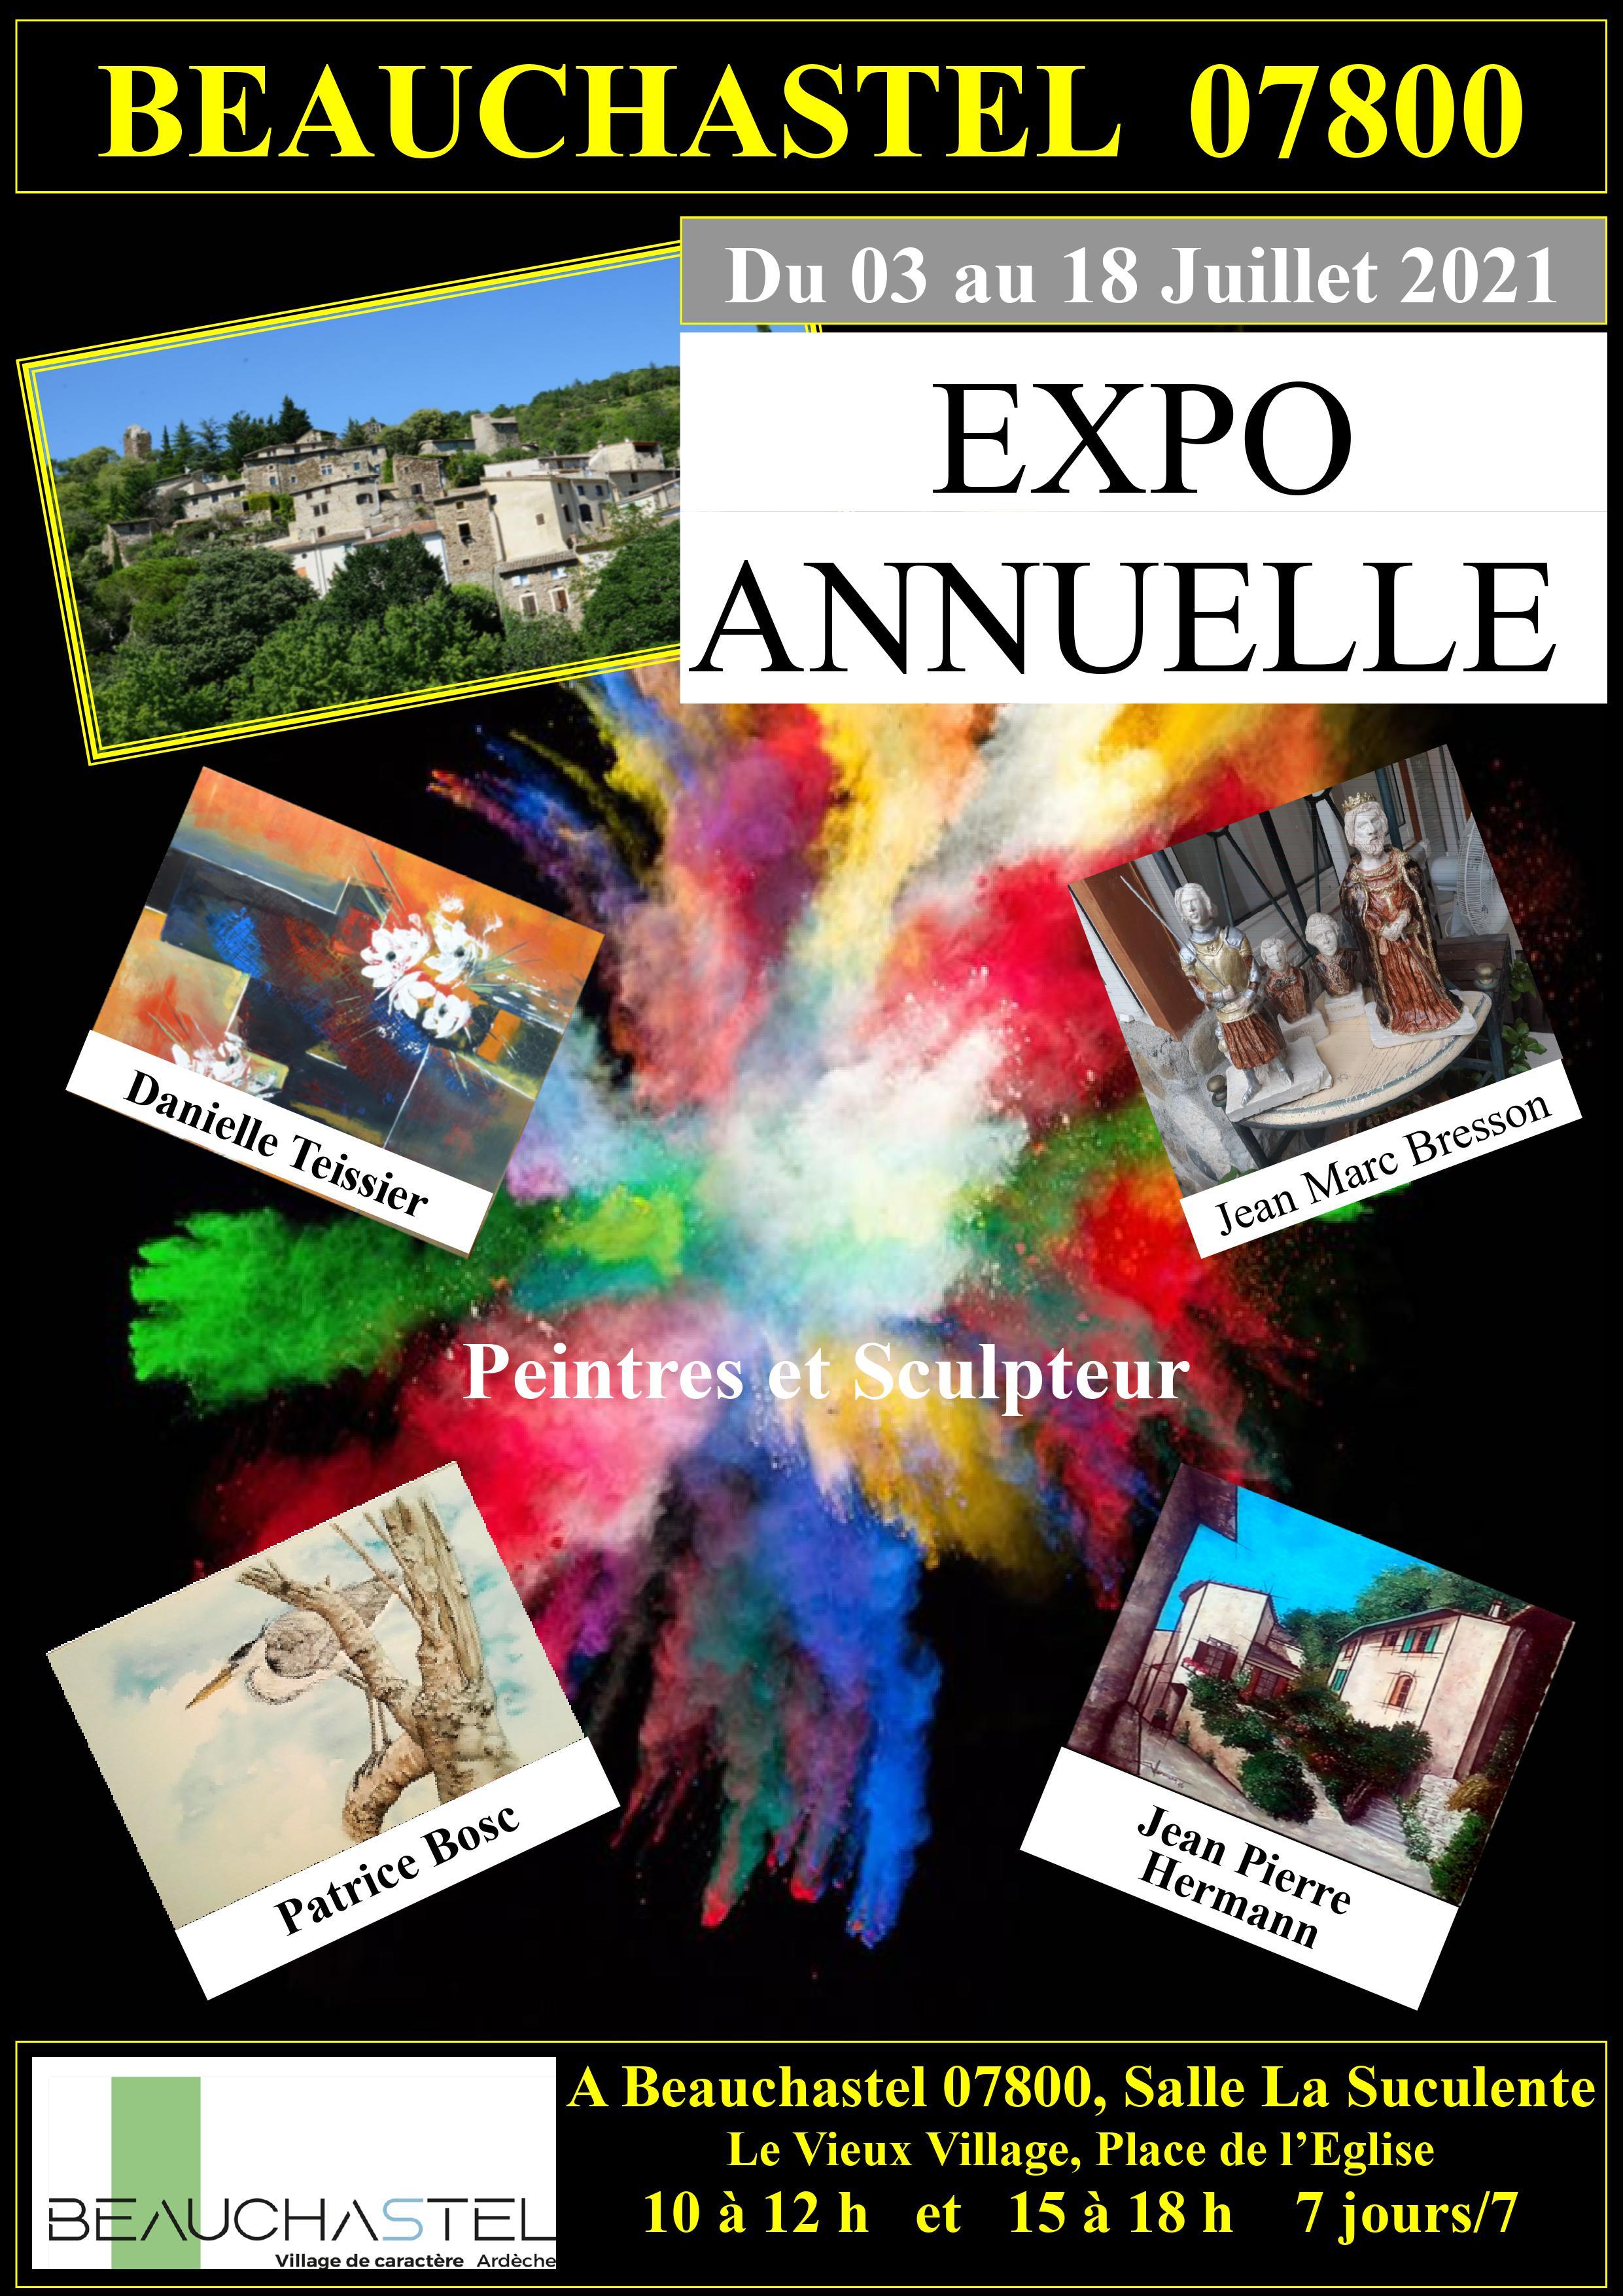 Exposition d'aquarelles / art moderne / peinture architecturale / sculpture